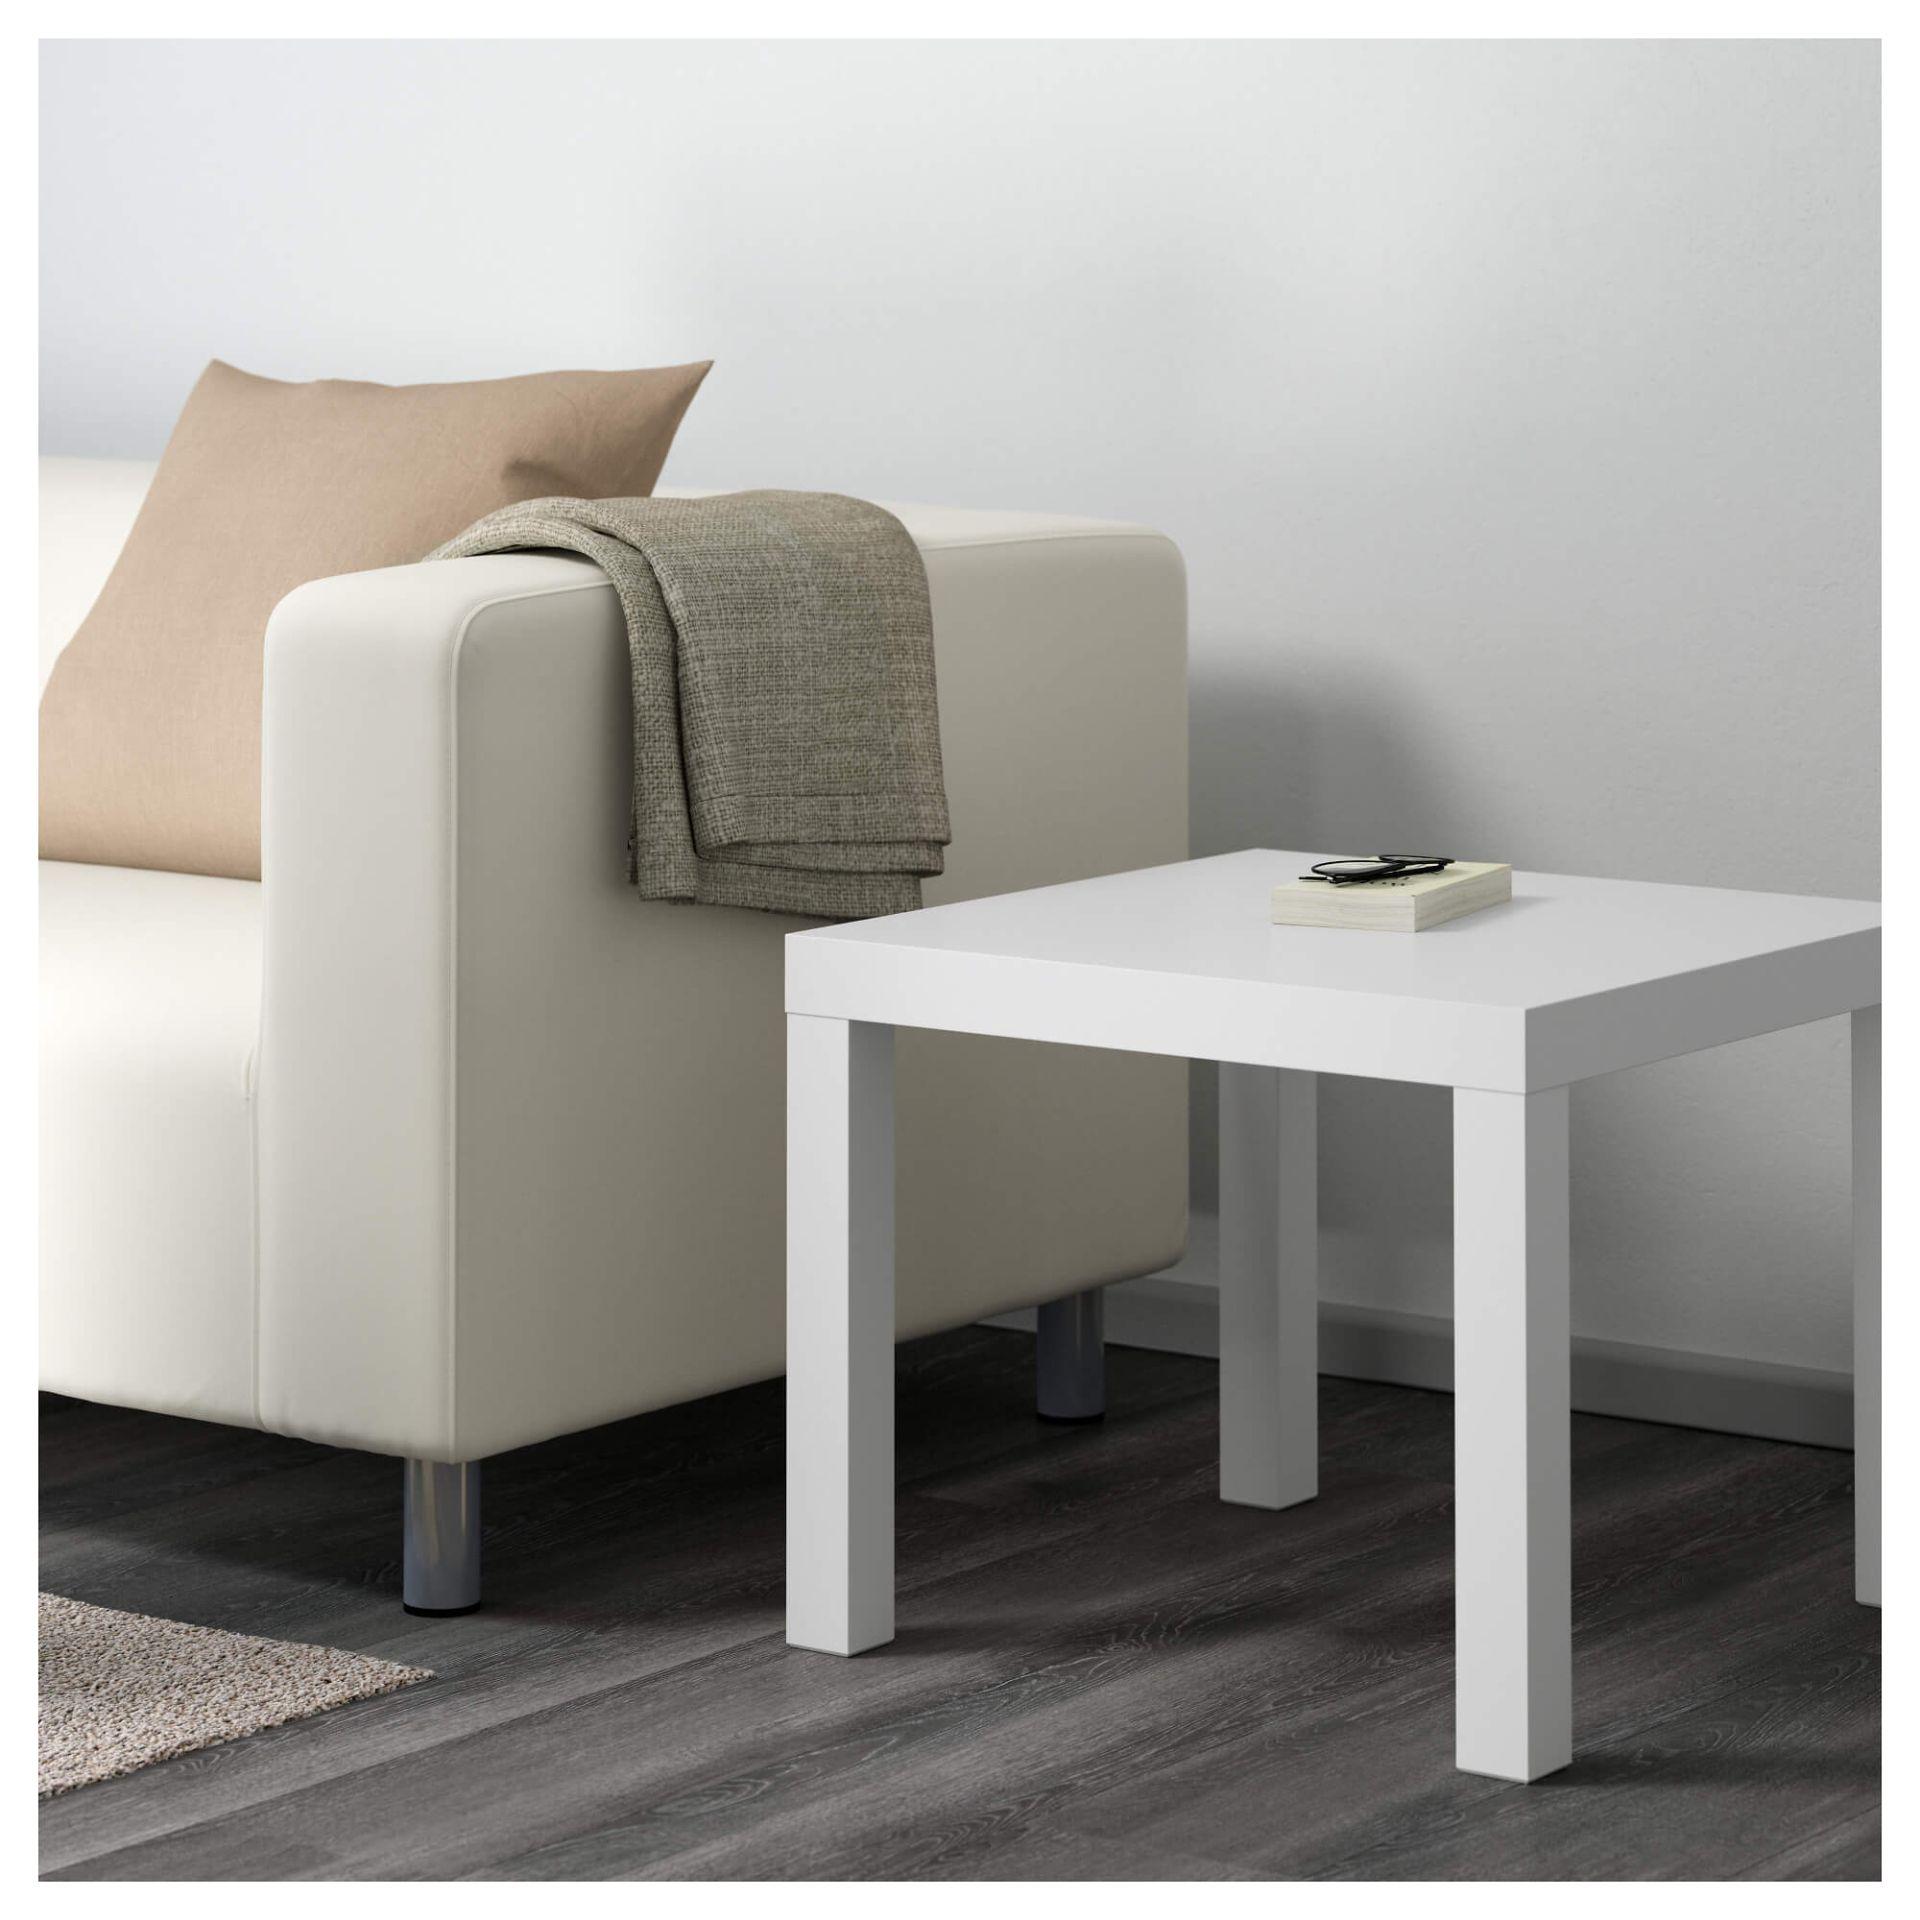 Assembling IKEA pedestals